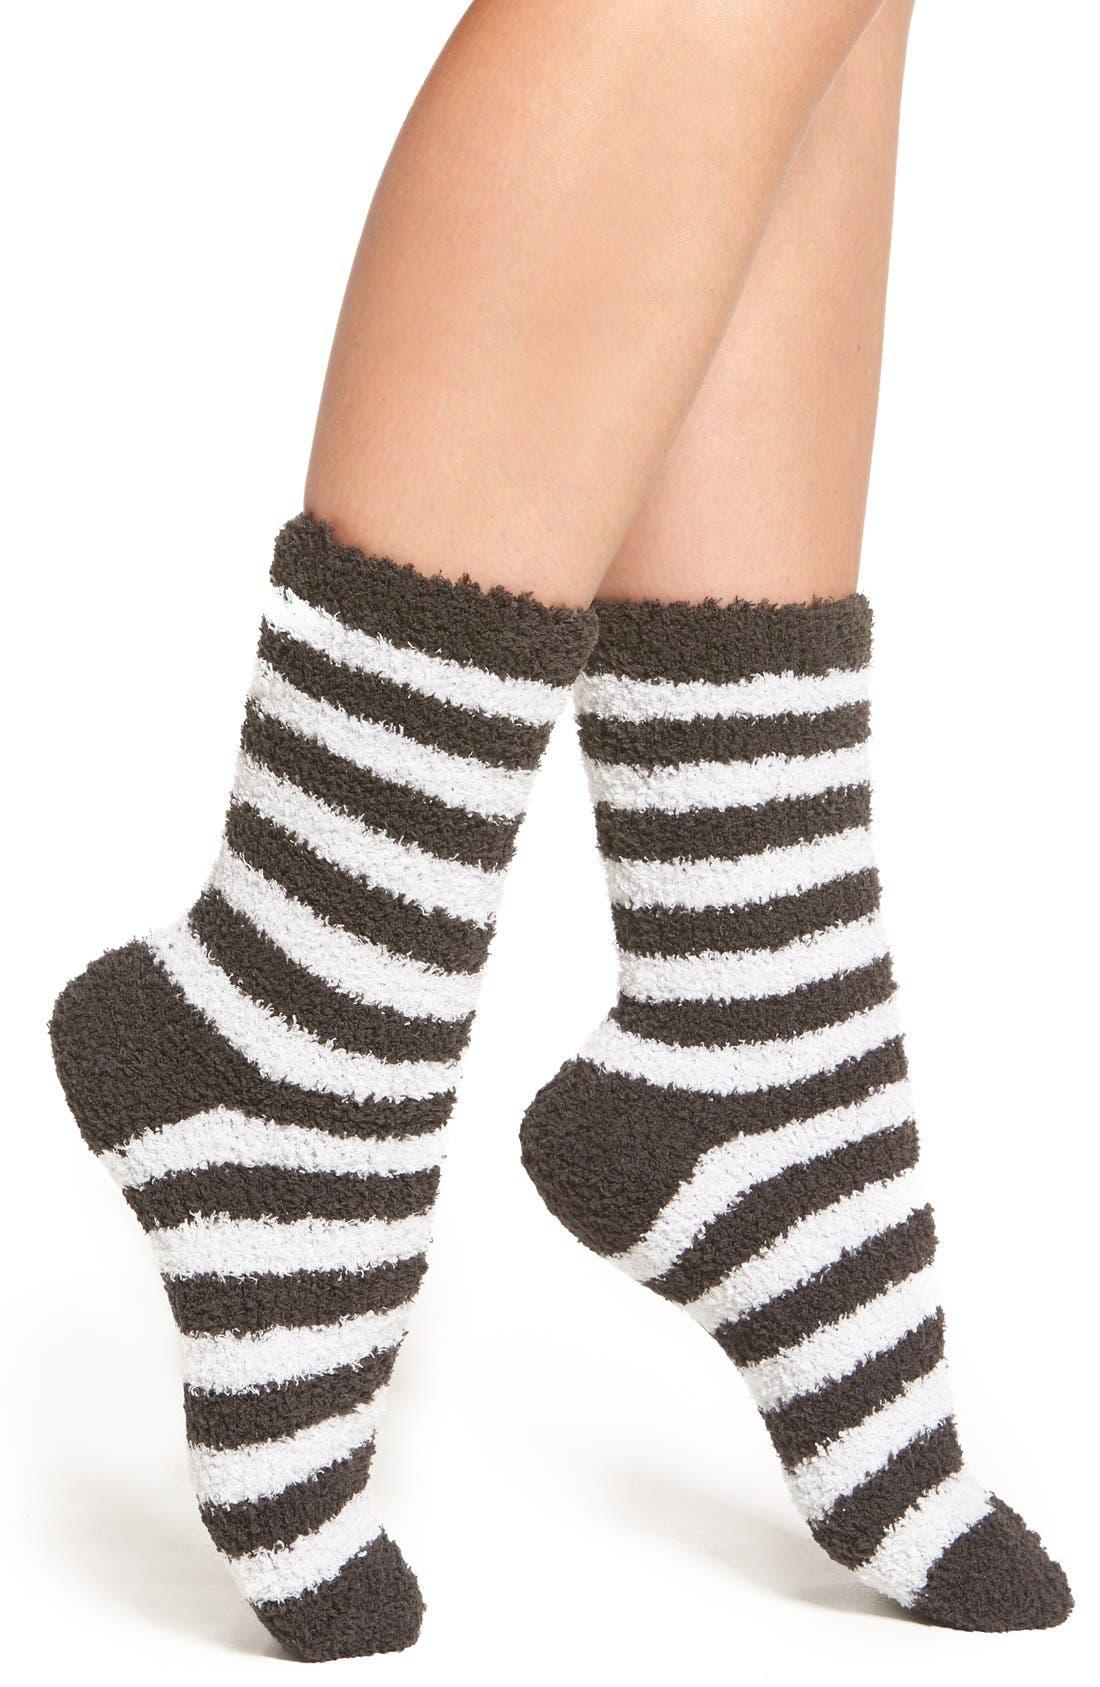 Alternate Image 1 Selected - Nordstrom 'Butter' Crew Socks (3 for $18)